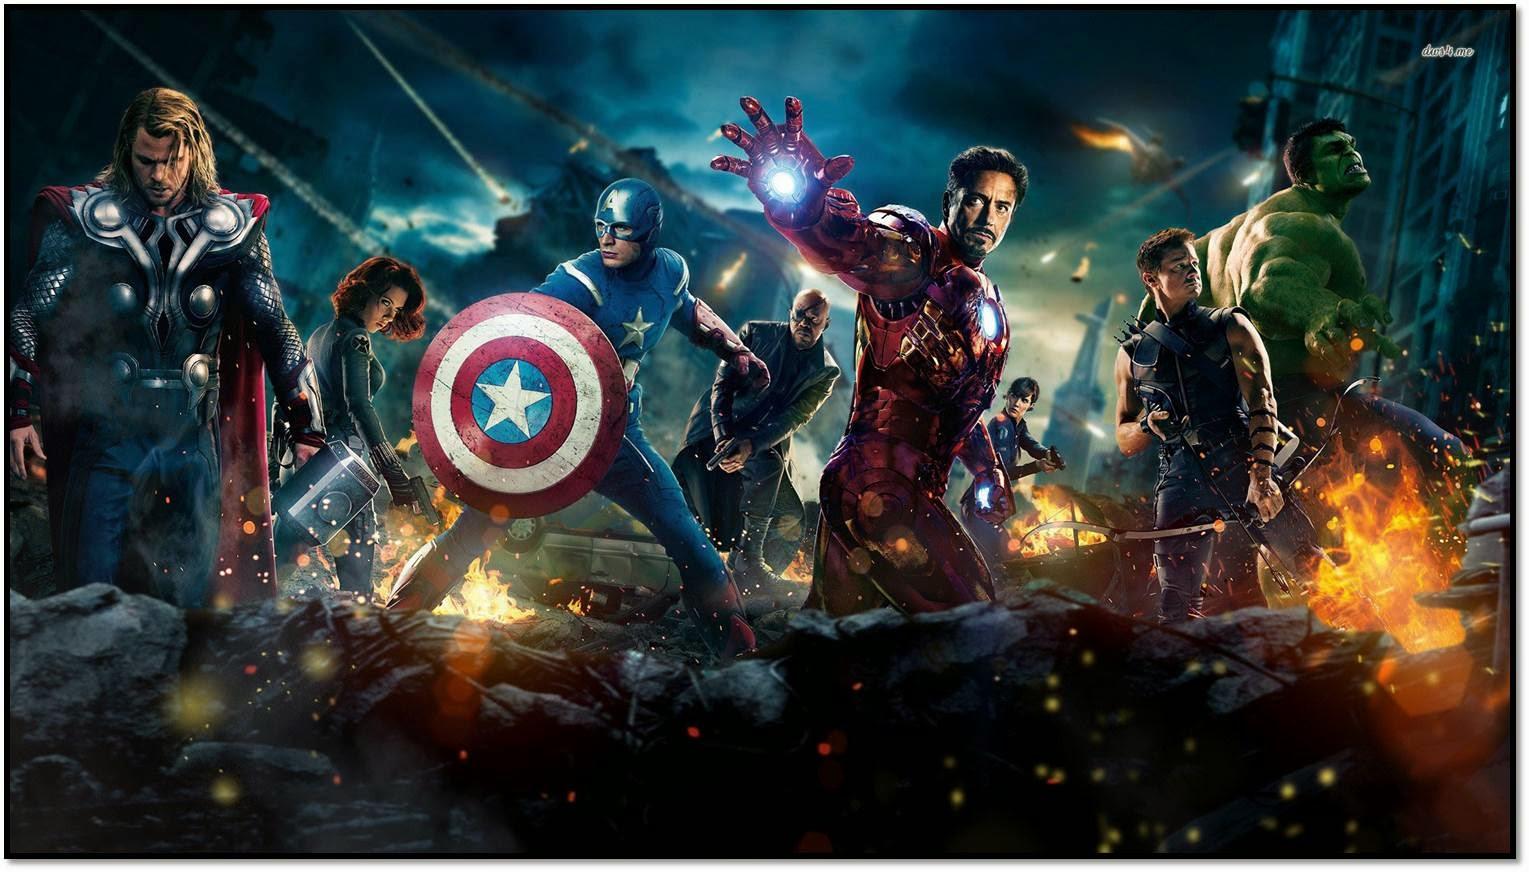 Super héros heroes Marvl avengers Stan Lee expo Paris, Captain America Thor IronMan la veuve Noire Hulk Black Widow